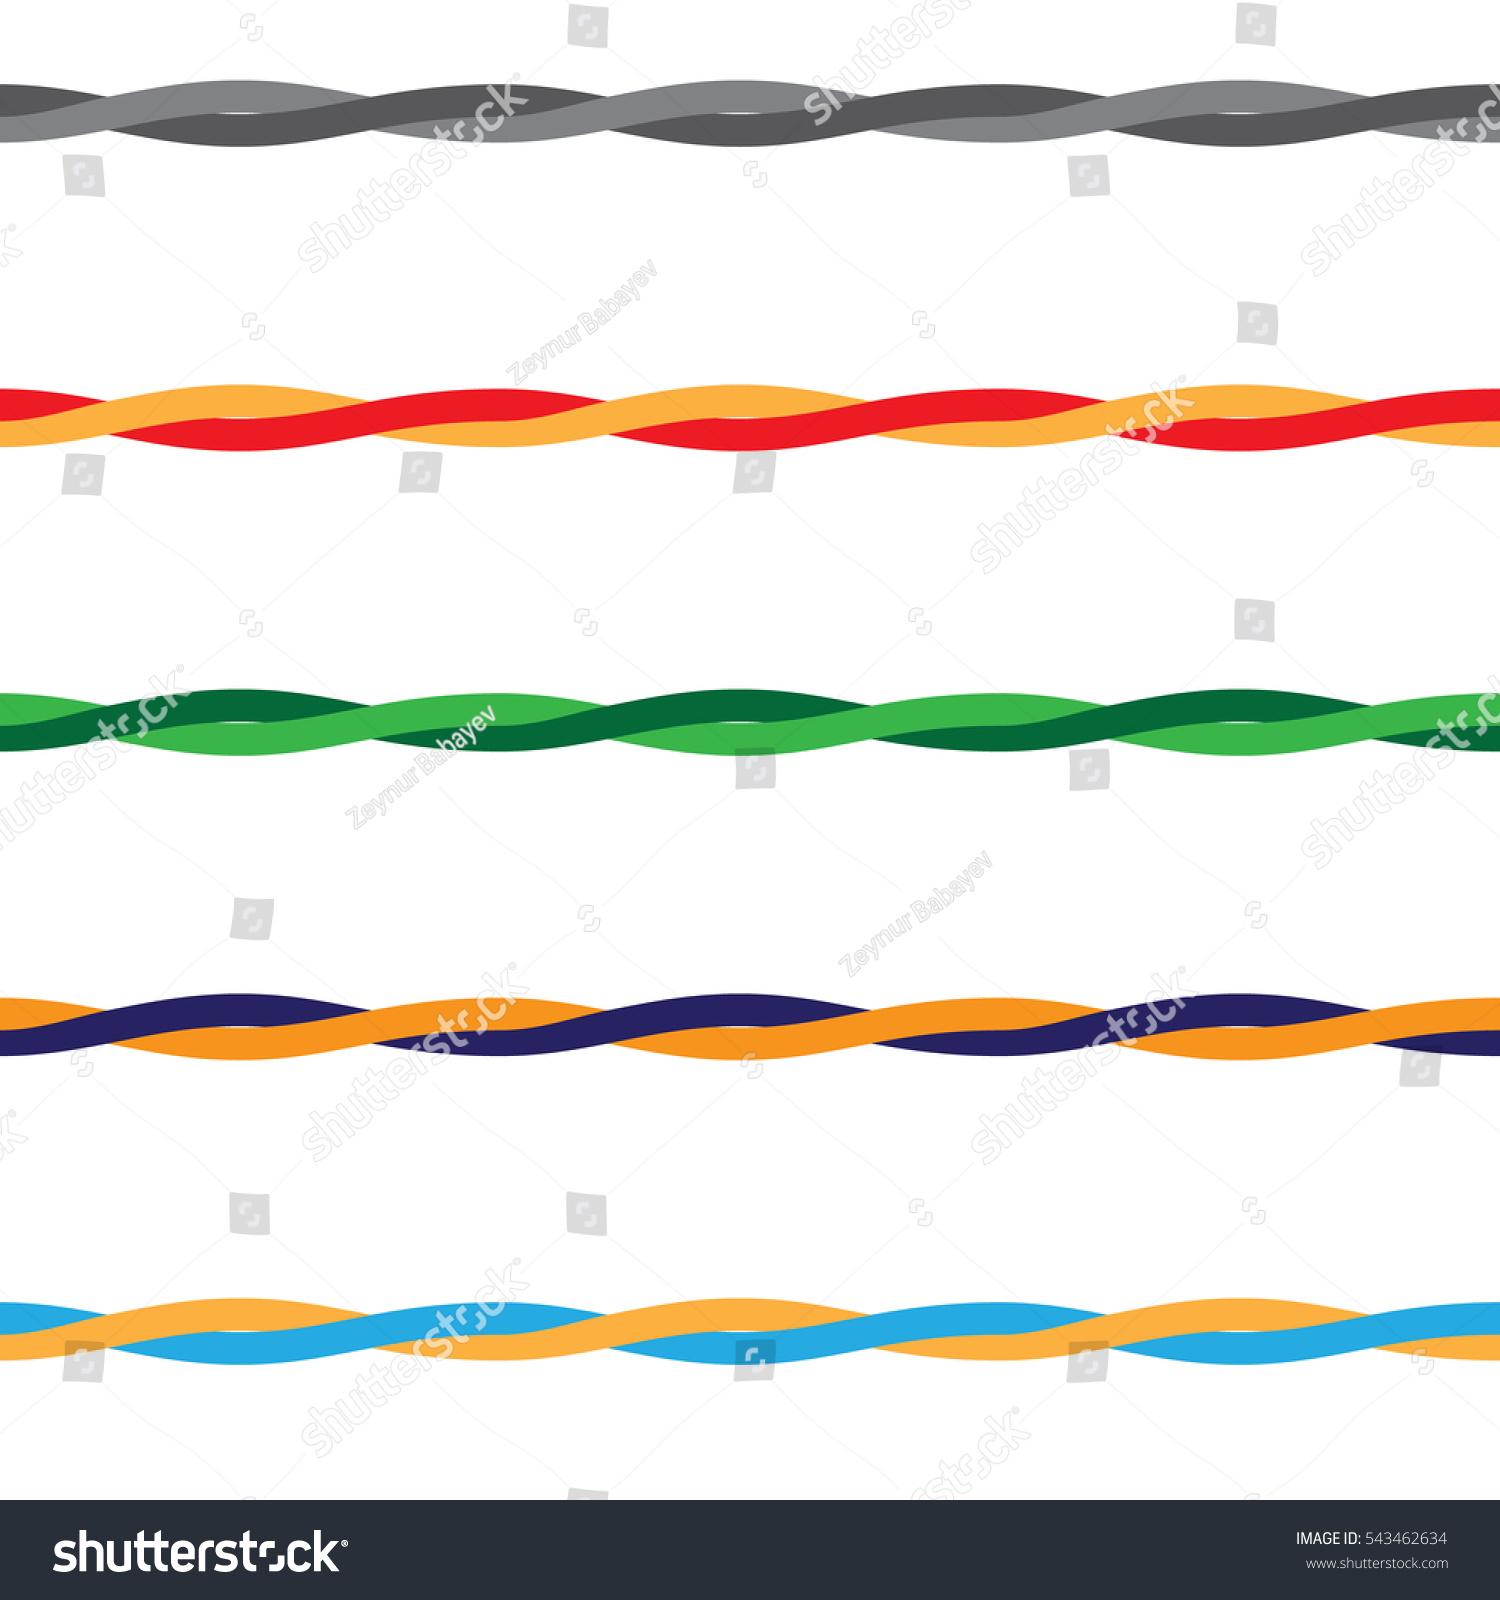 Amazing Color Wires Illustration - Wiring Diagram Ideas - blogitia.com